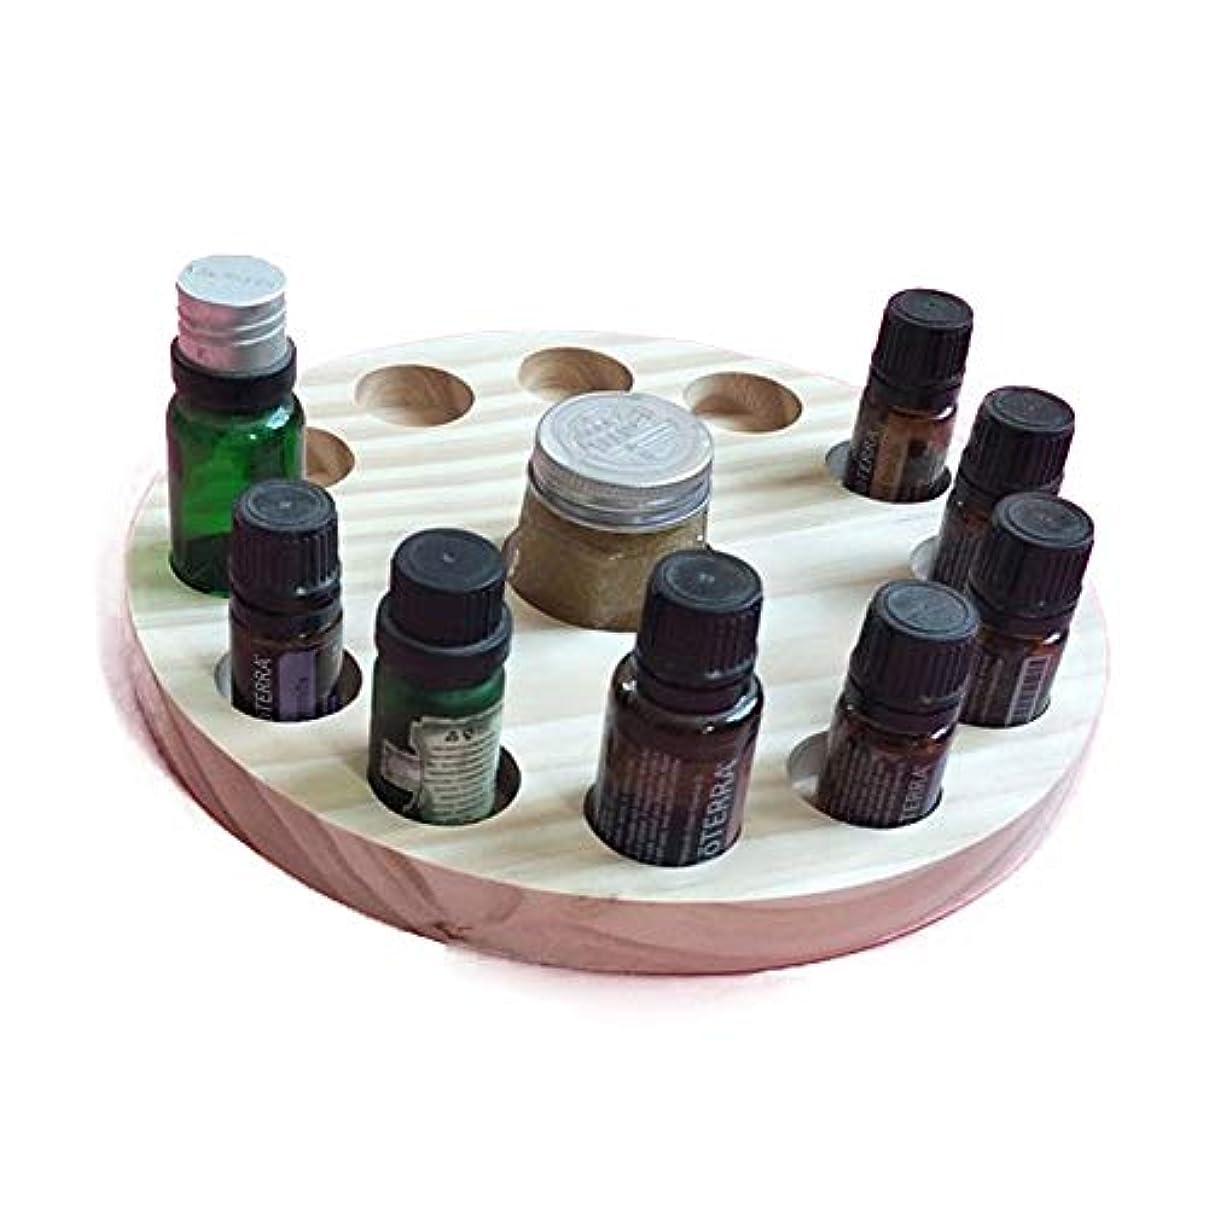 運動するトライアスロンメイエラエッセンシャルオイルストレージボックス 木製の13スロットエッセンシャルオイルストレージホルダーは12本の10mlの油のボトルを保持します 旅行およびプレゼンテーション用 (色 : Natural, サイズ : Free size)